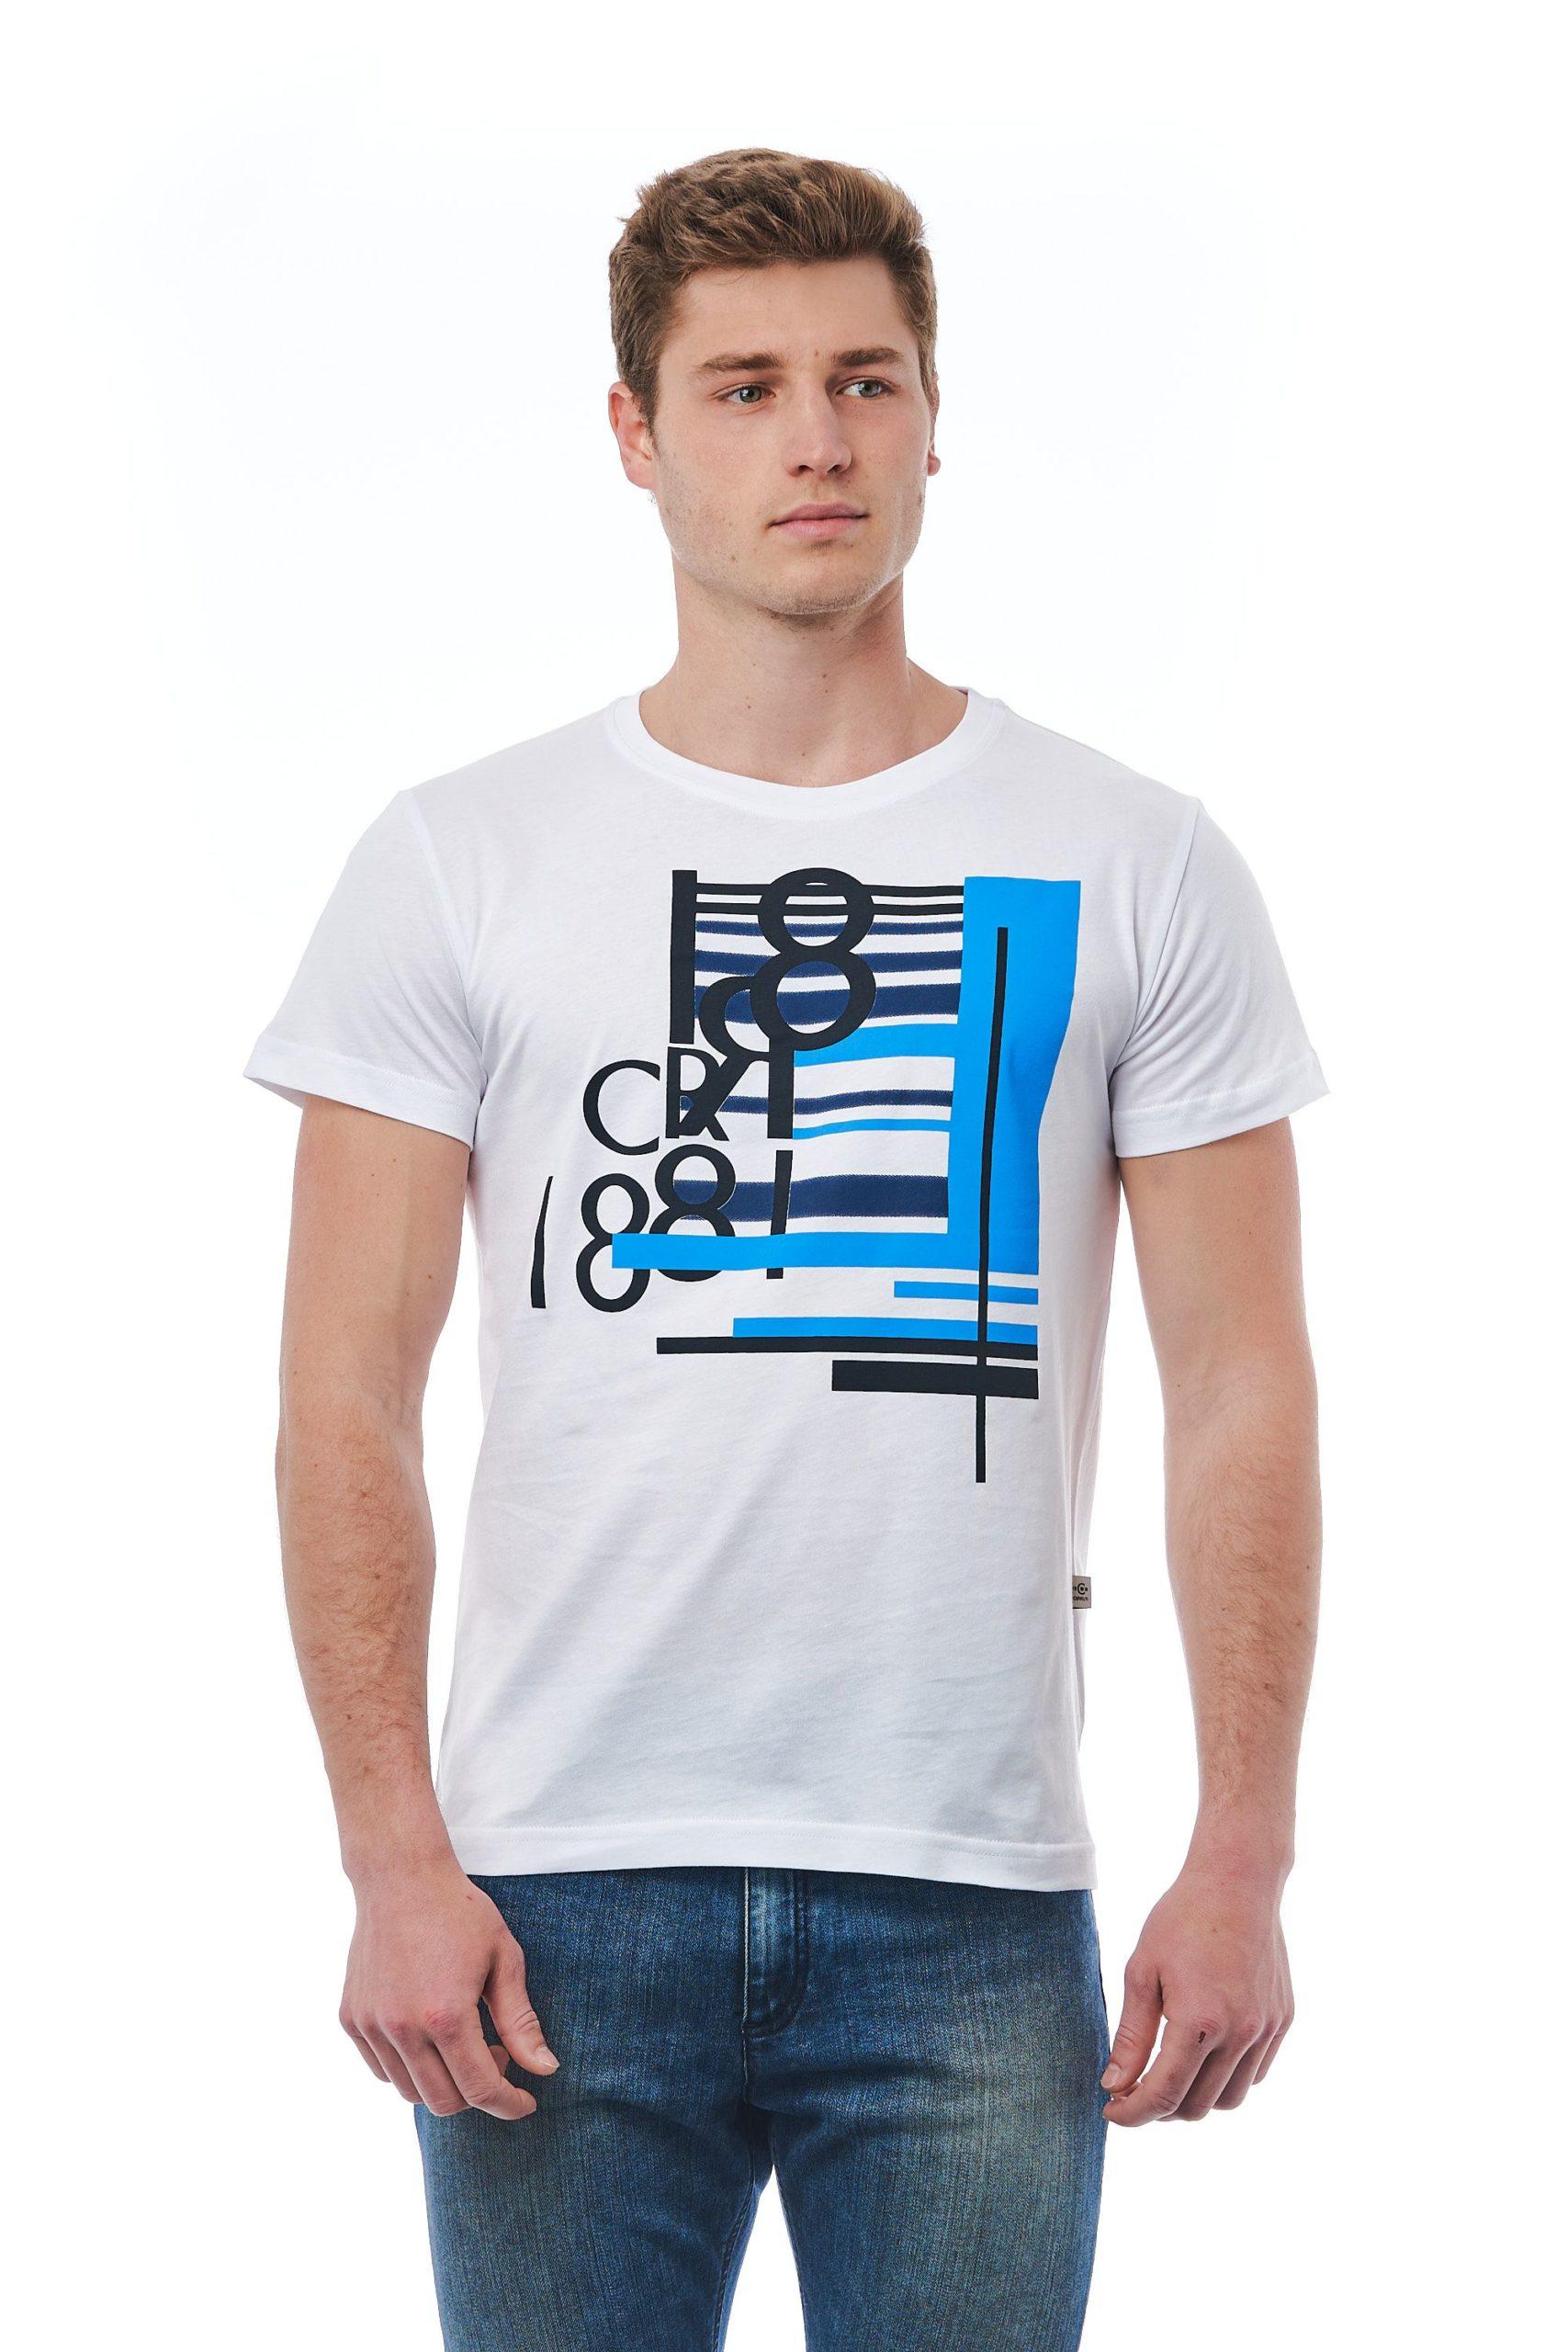 Cerruti 1881 Men's Bianco T-Shirt White CE1410100 - M